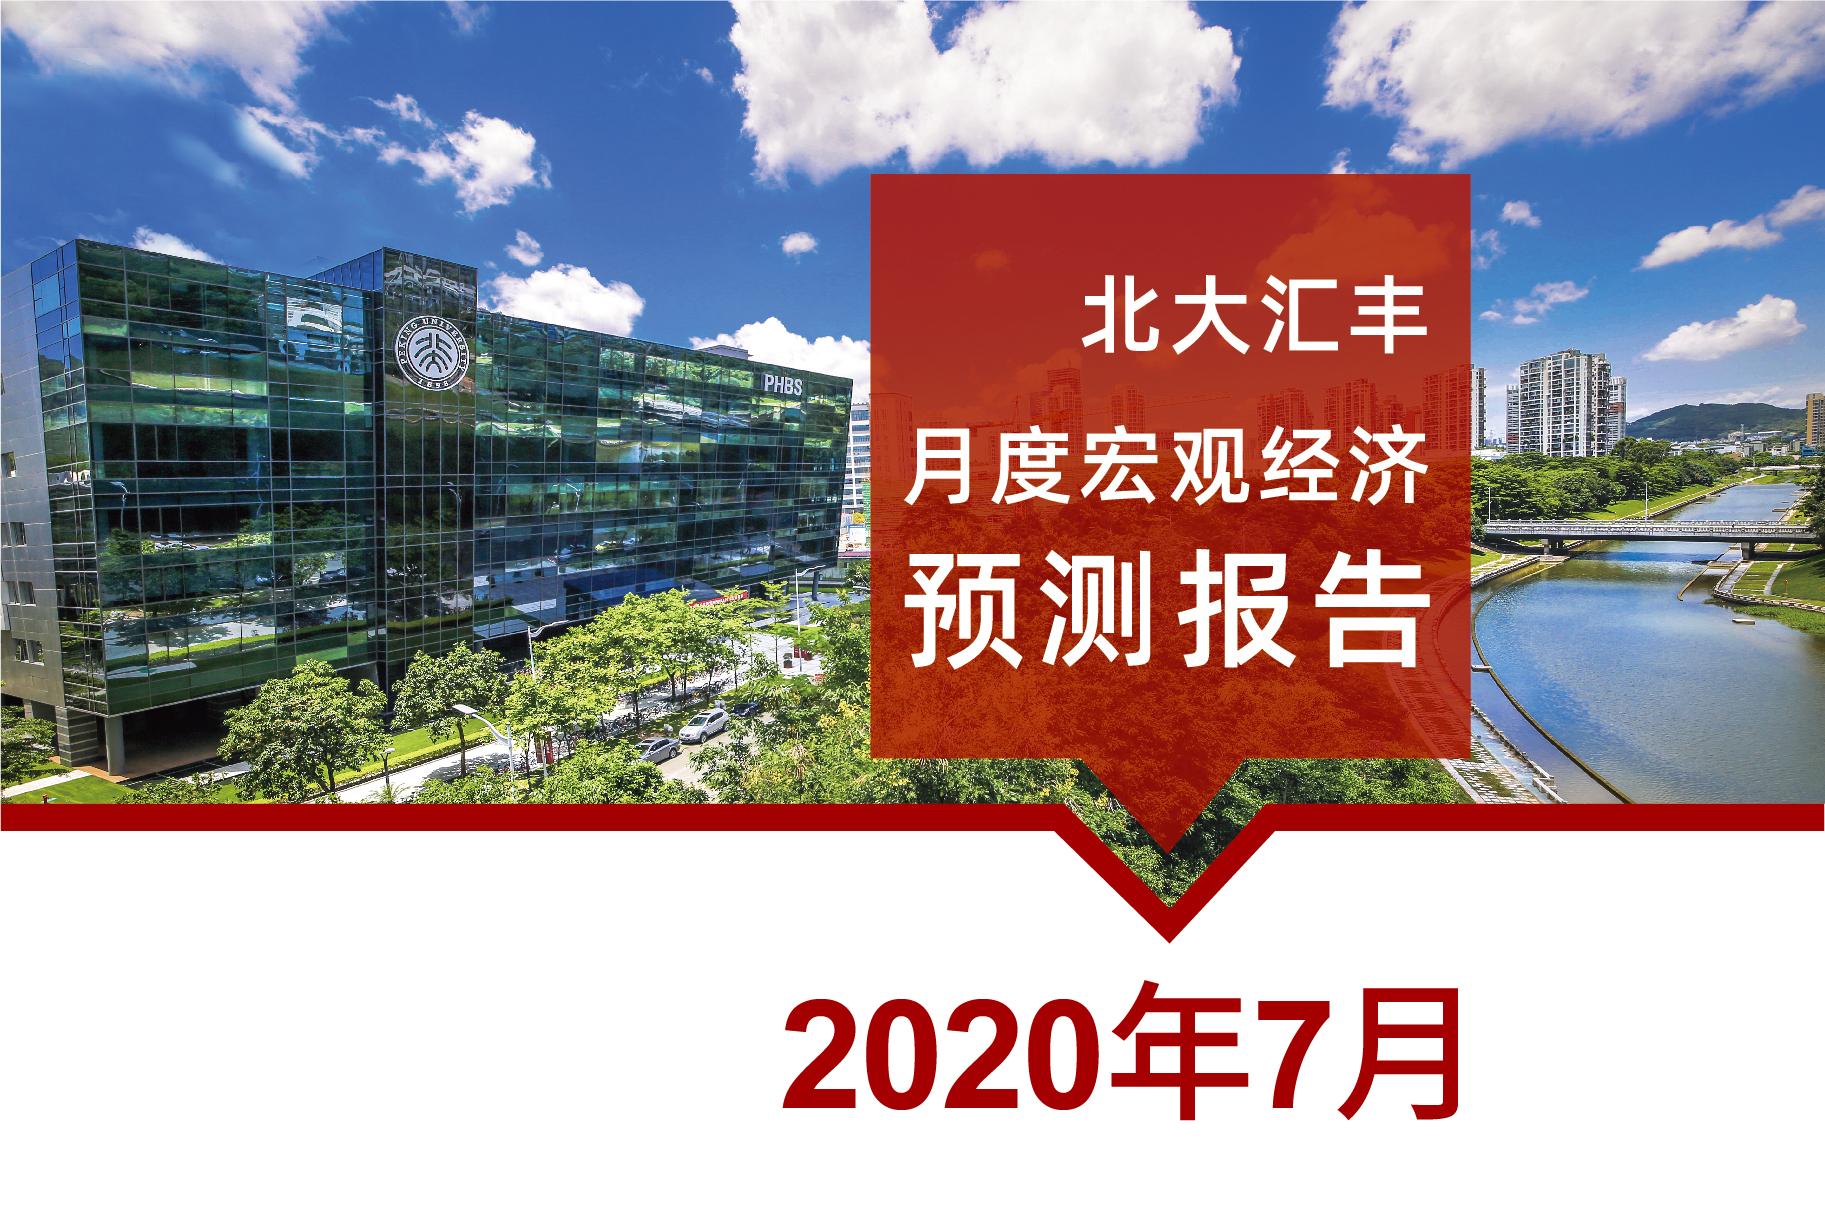 地产基建投资与出口成复苏亮点 |《北大汇丰月度宏观经济预测报告》(2020年7月)发布